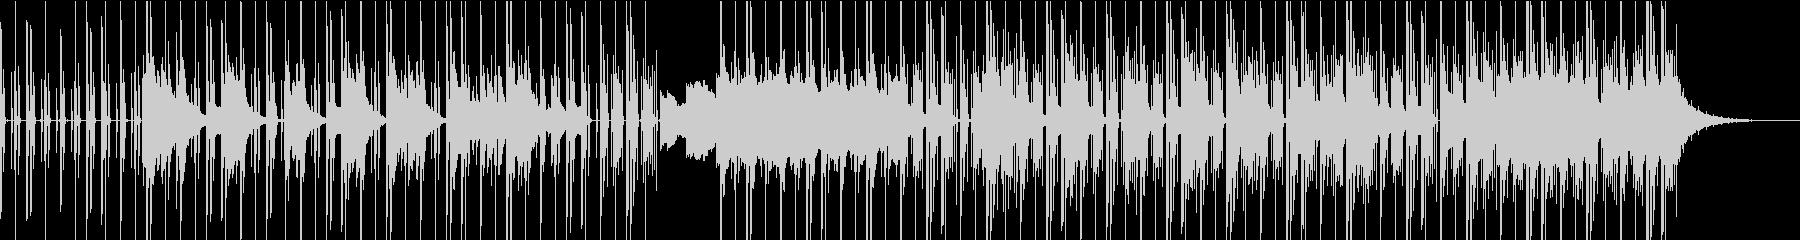 オシャレなエレピが特徴的な曲の未再生の波形